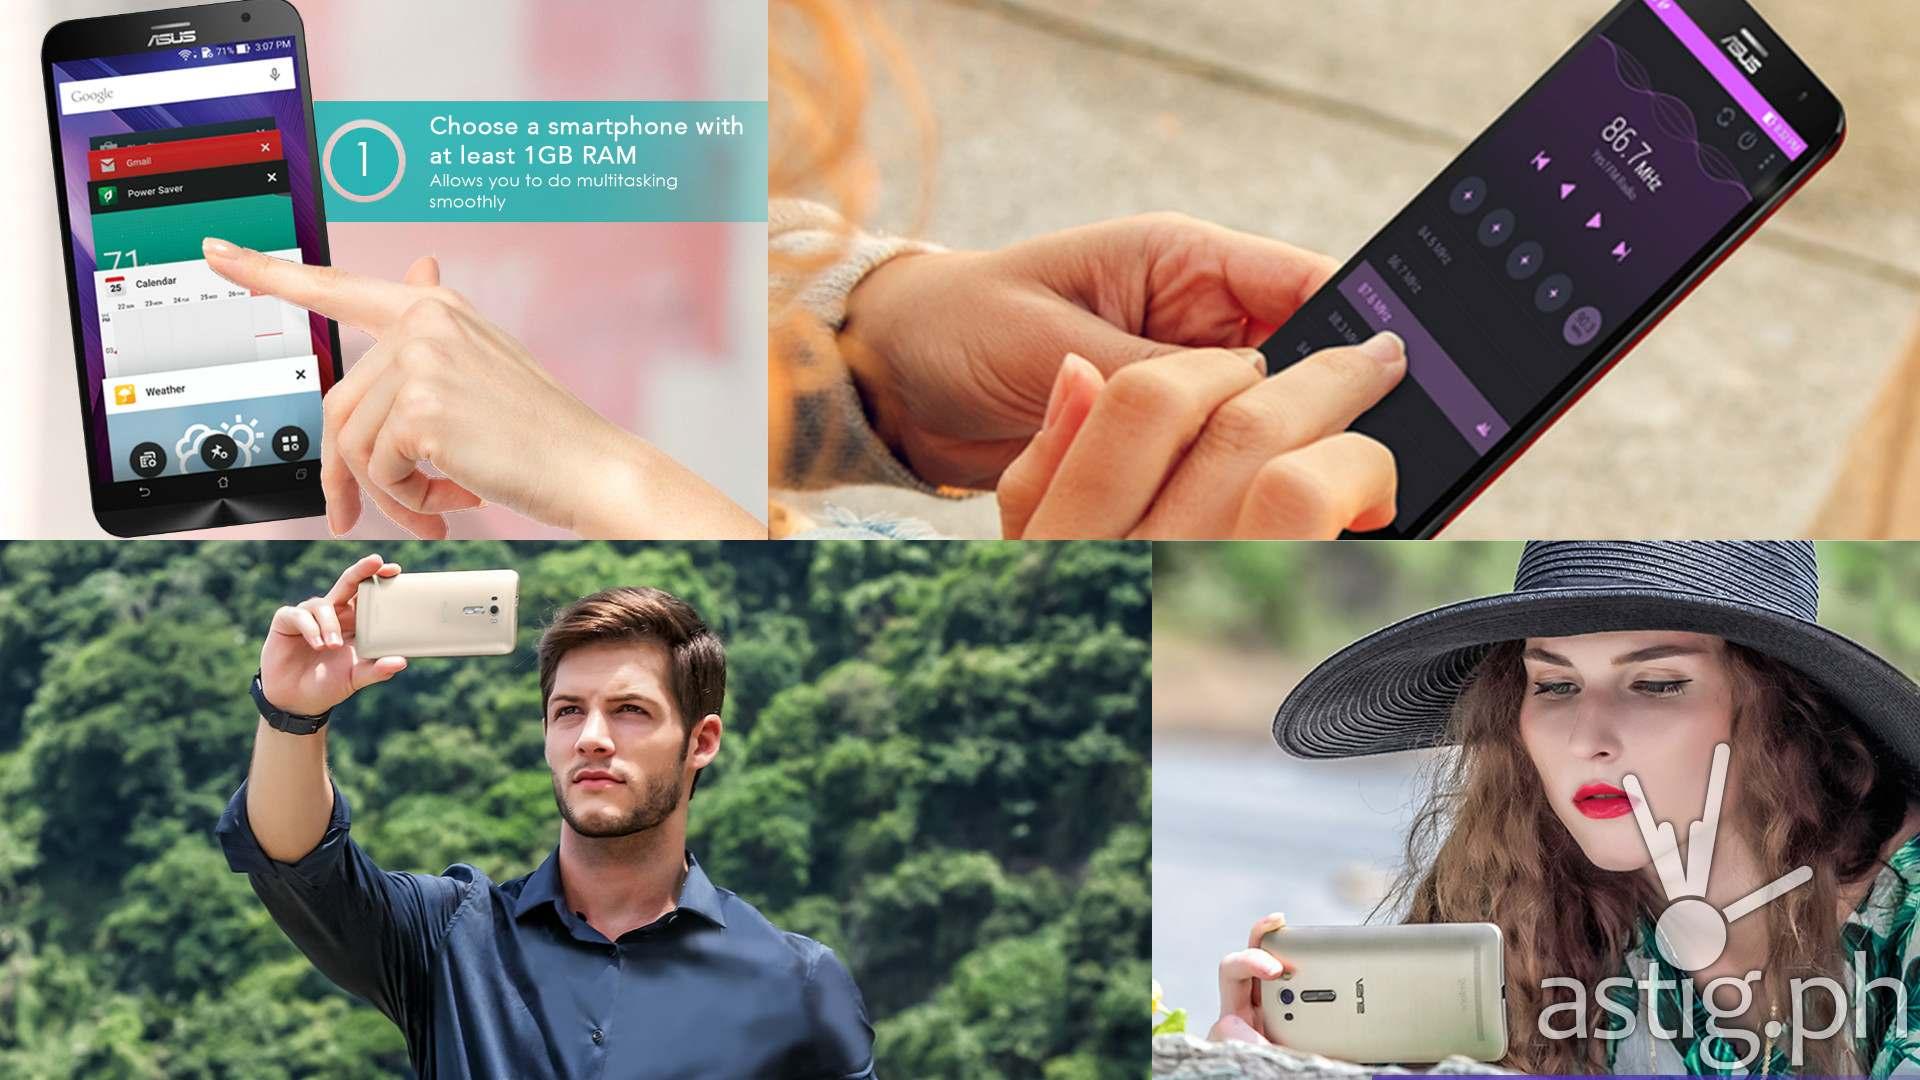 smartphone guide